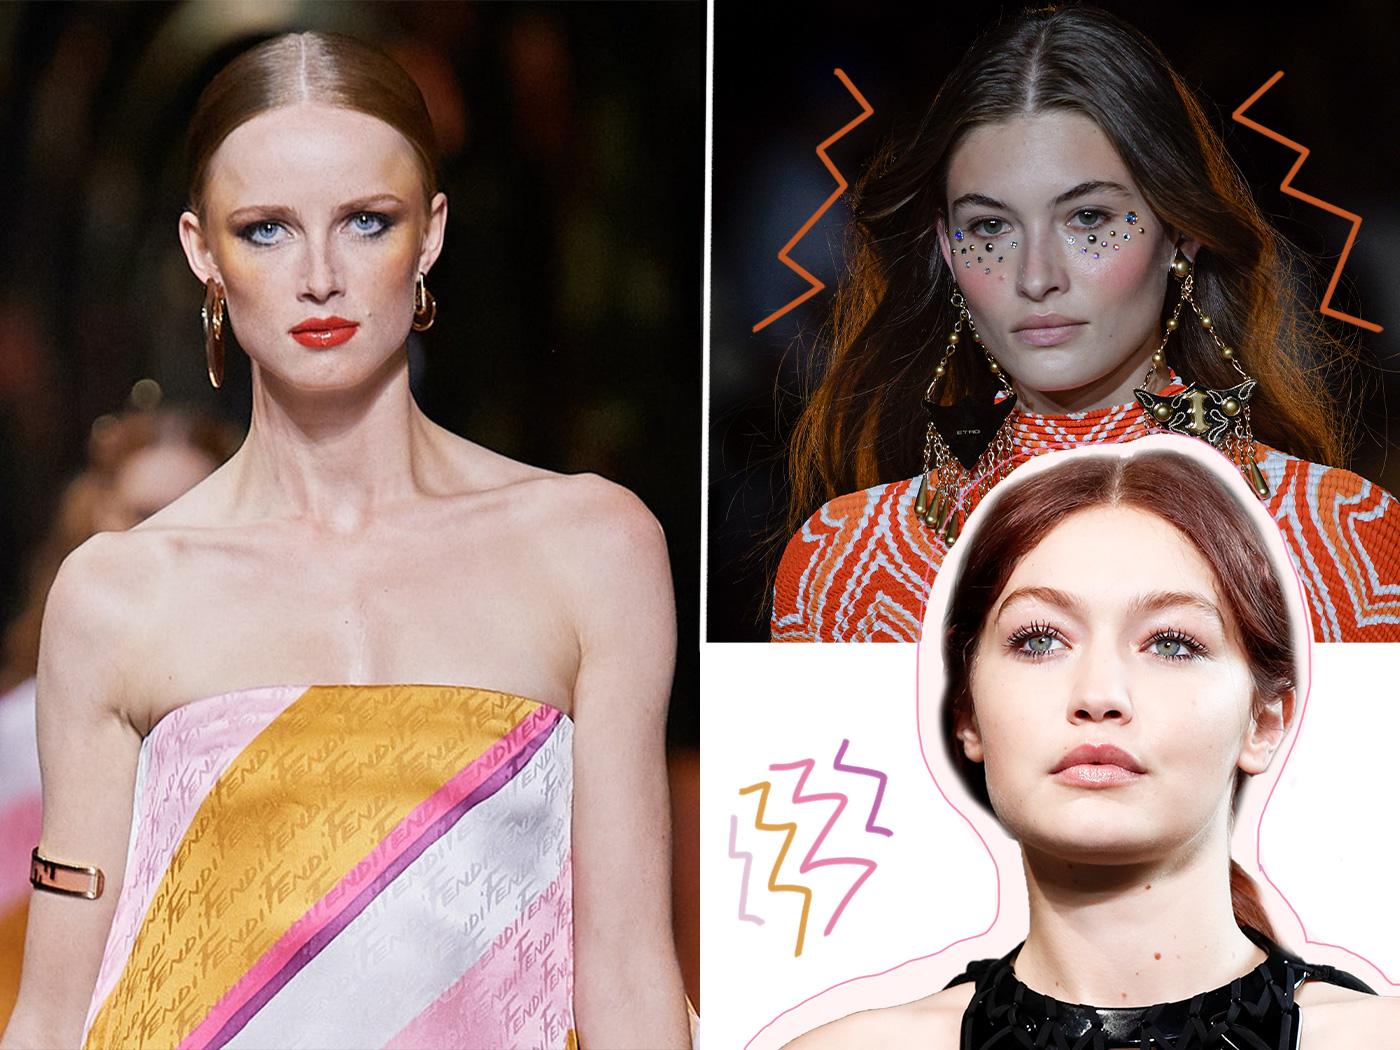 Εβδομάδα Μόδας στο Μιλάνο: Τα ωραιότερα beauty trends